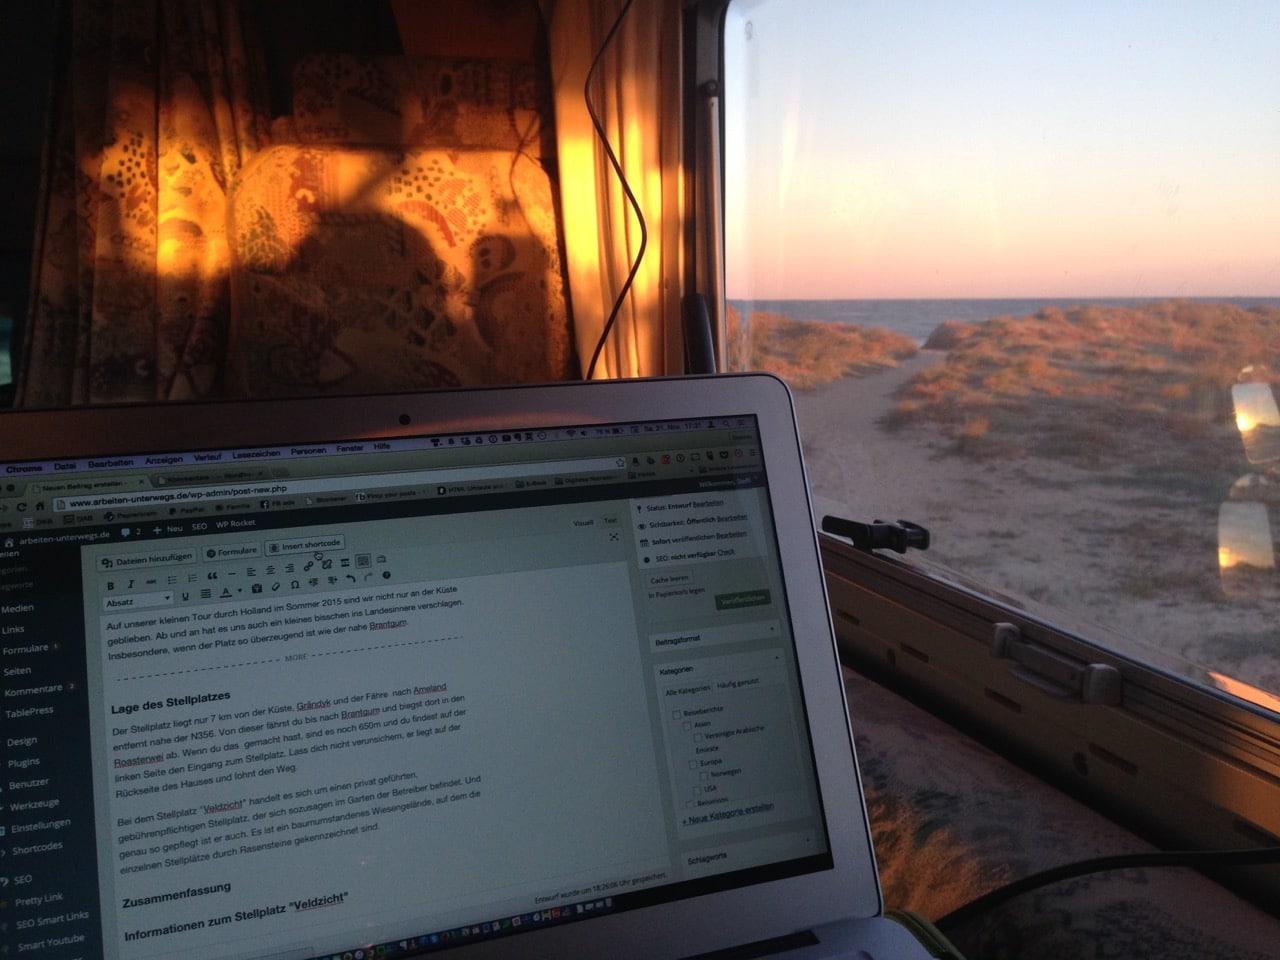 Ein Laptop steht vor einem Fenster, aus dem man das Meer sehen kann